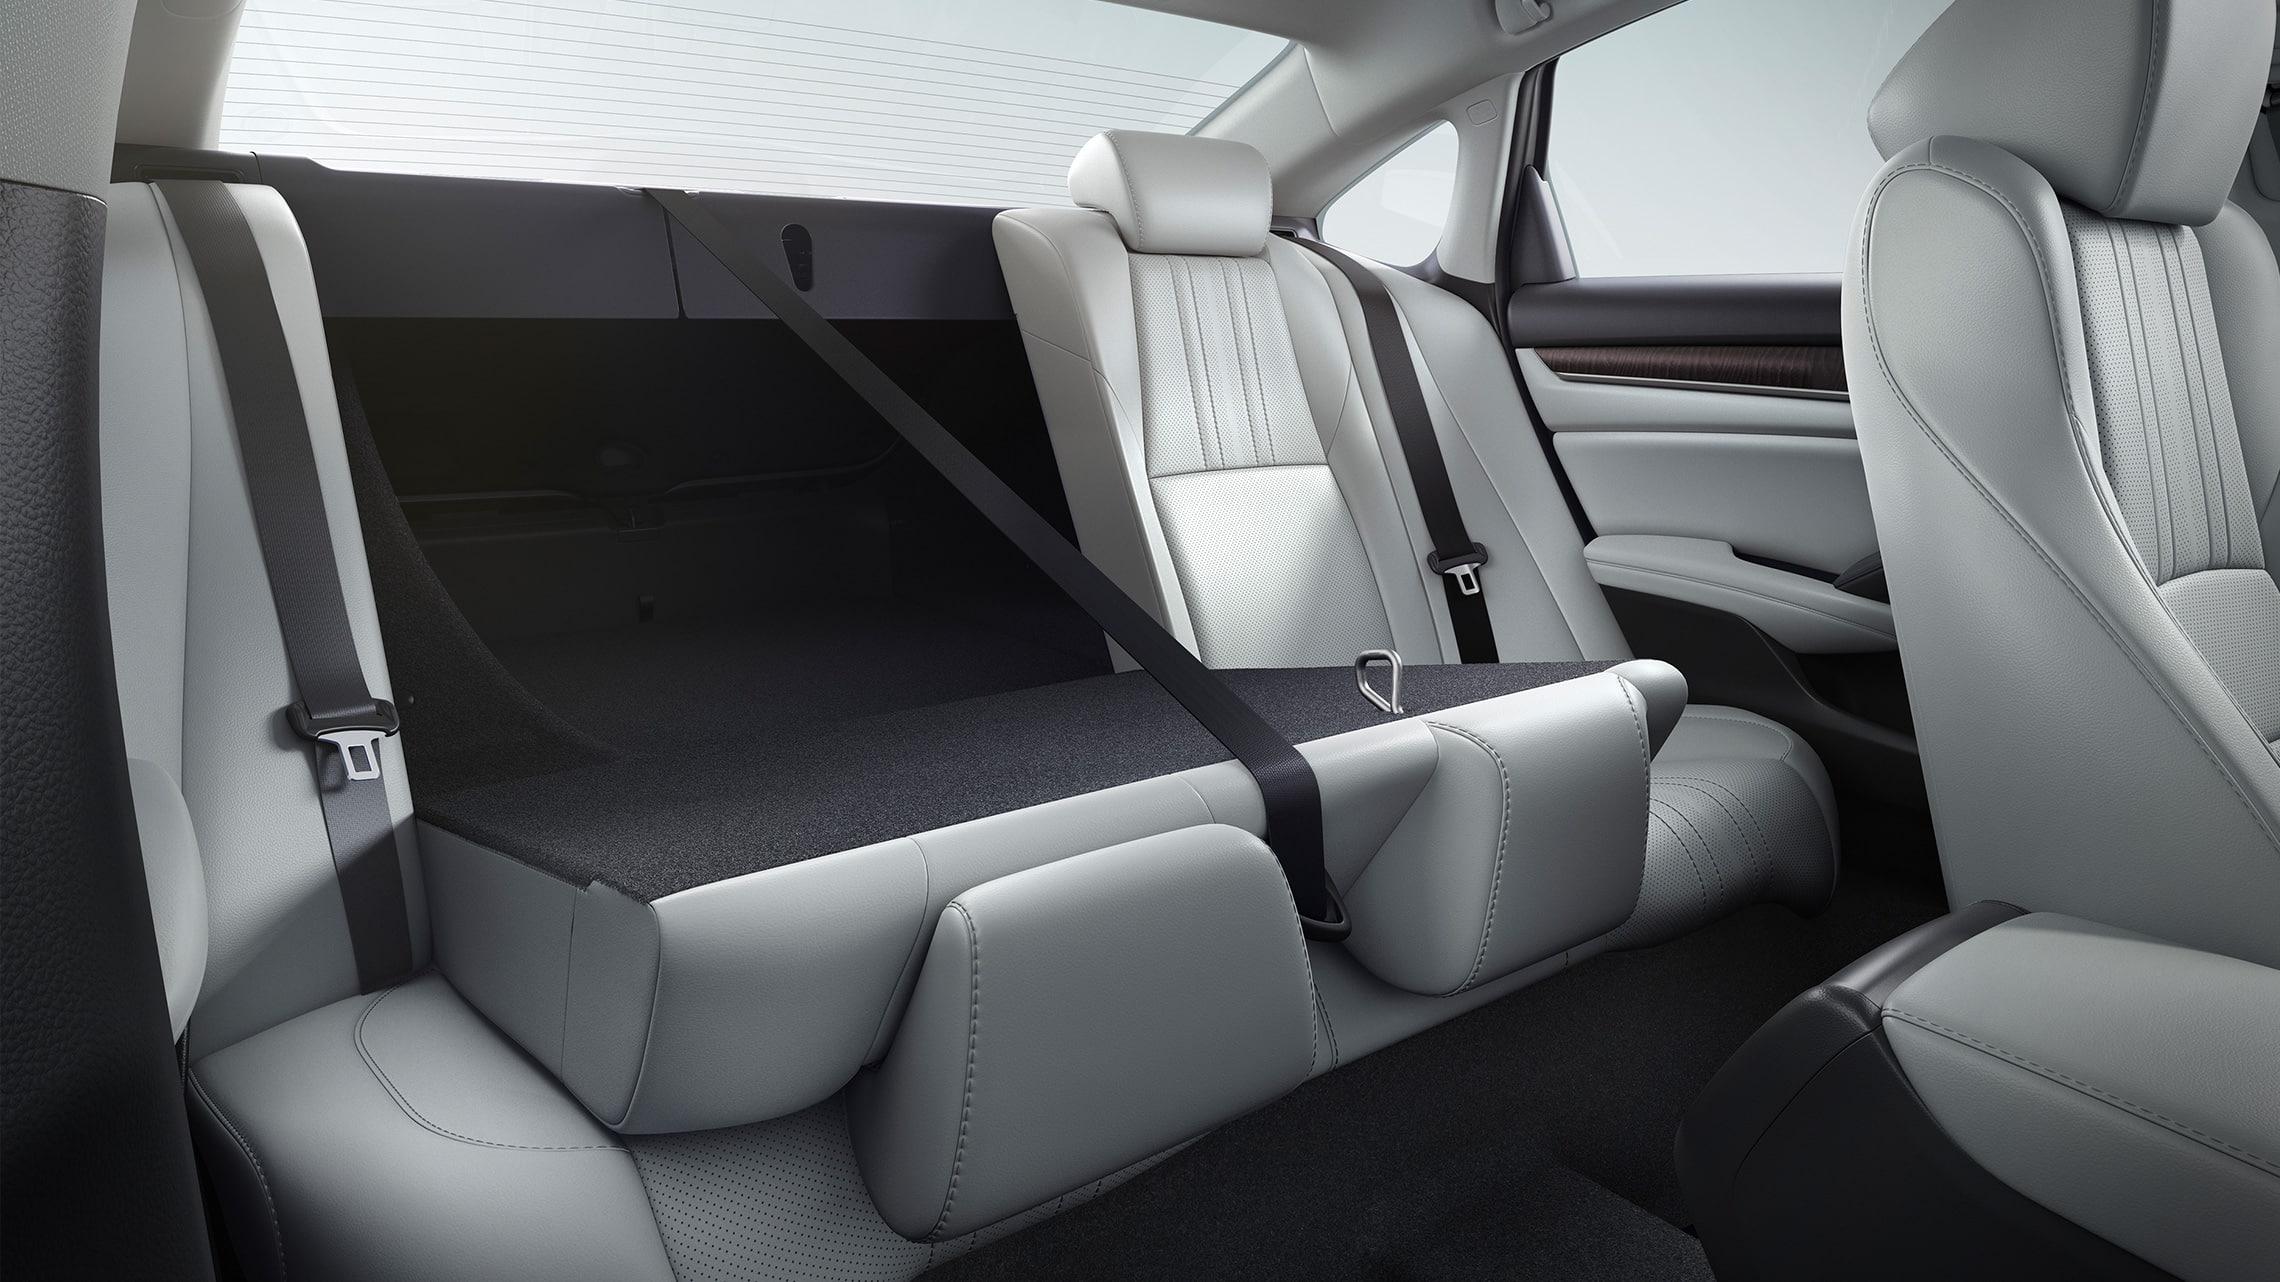 Detalle de los asientos traseros con respaldo abatible 60/40, que se muestran parcialmente abatidos, en el Honda Accord Touring2.0T2020 con Ivory Leather.